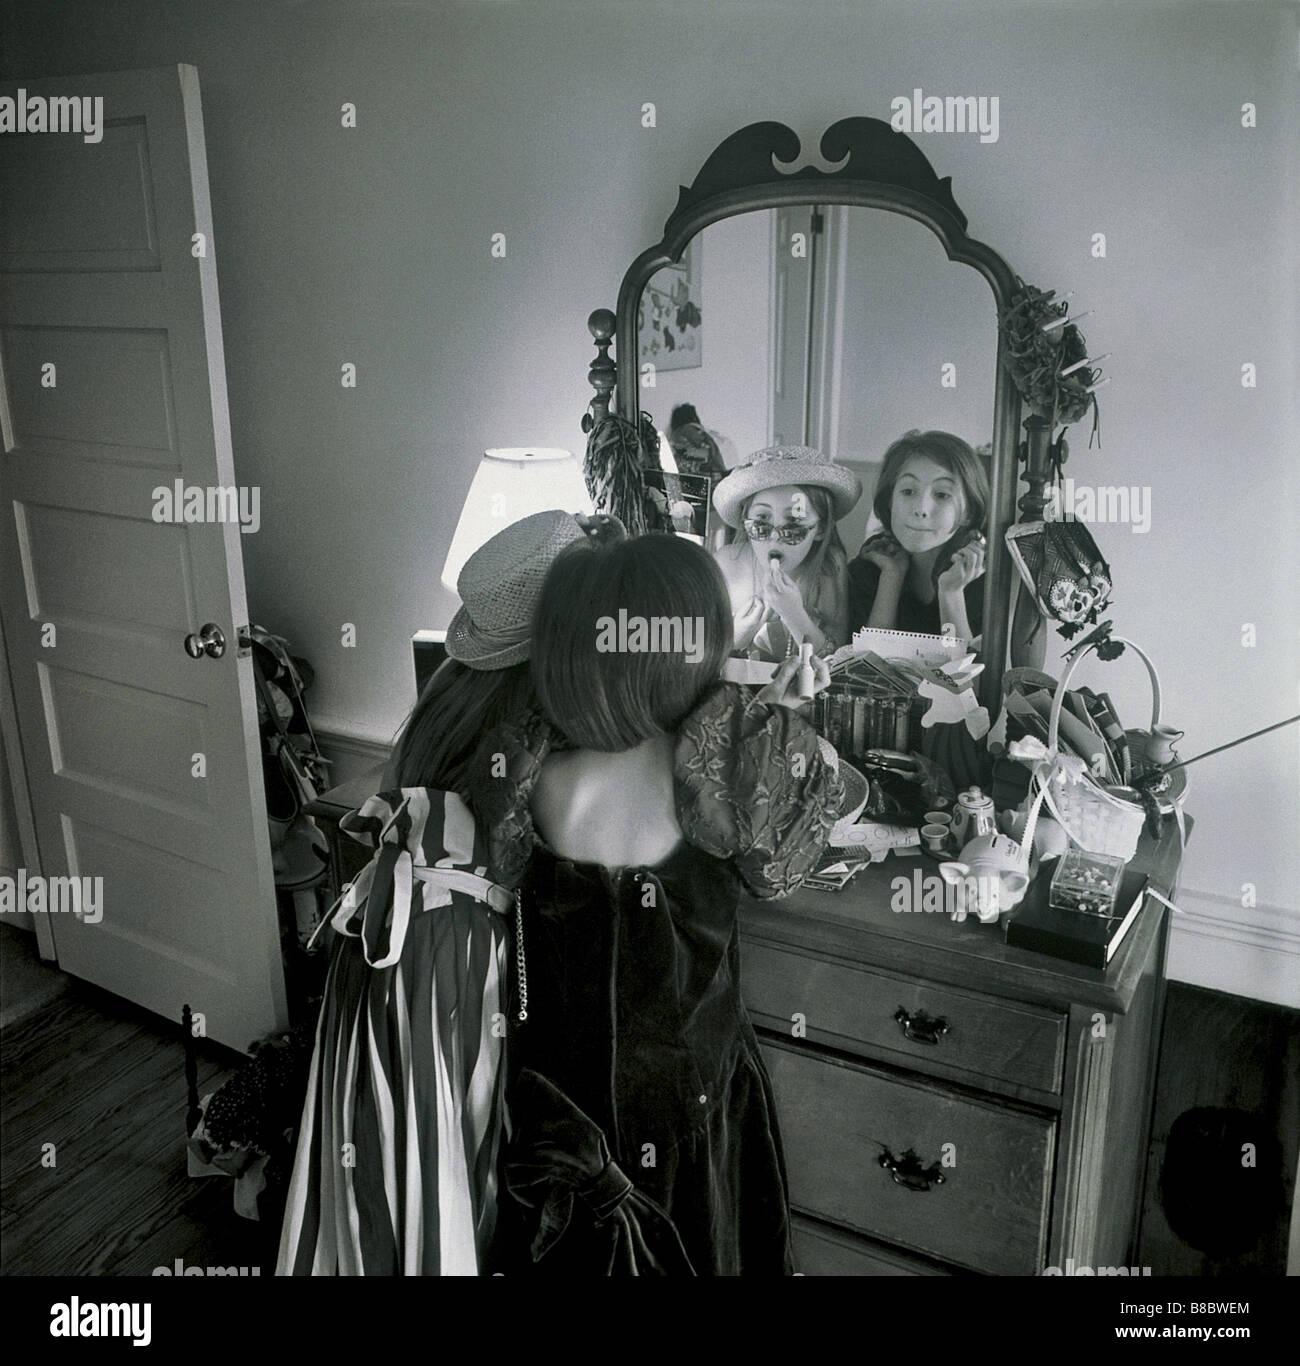 FL4881, Nick Kelsh; due giovani ragazze giocare dress up specchio, BW Immagini Stock